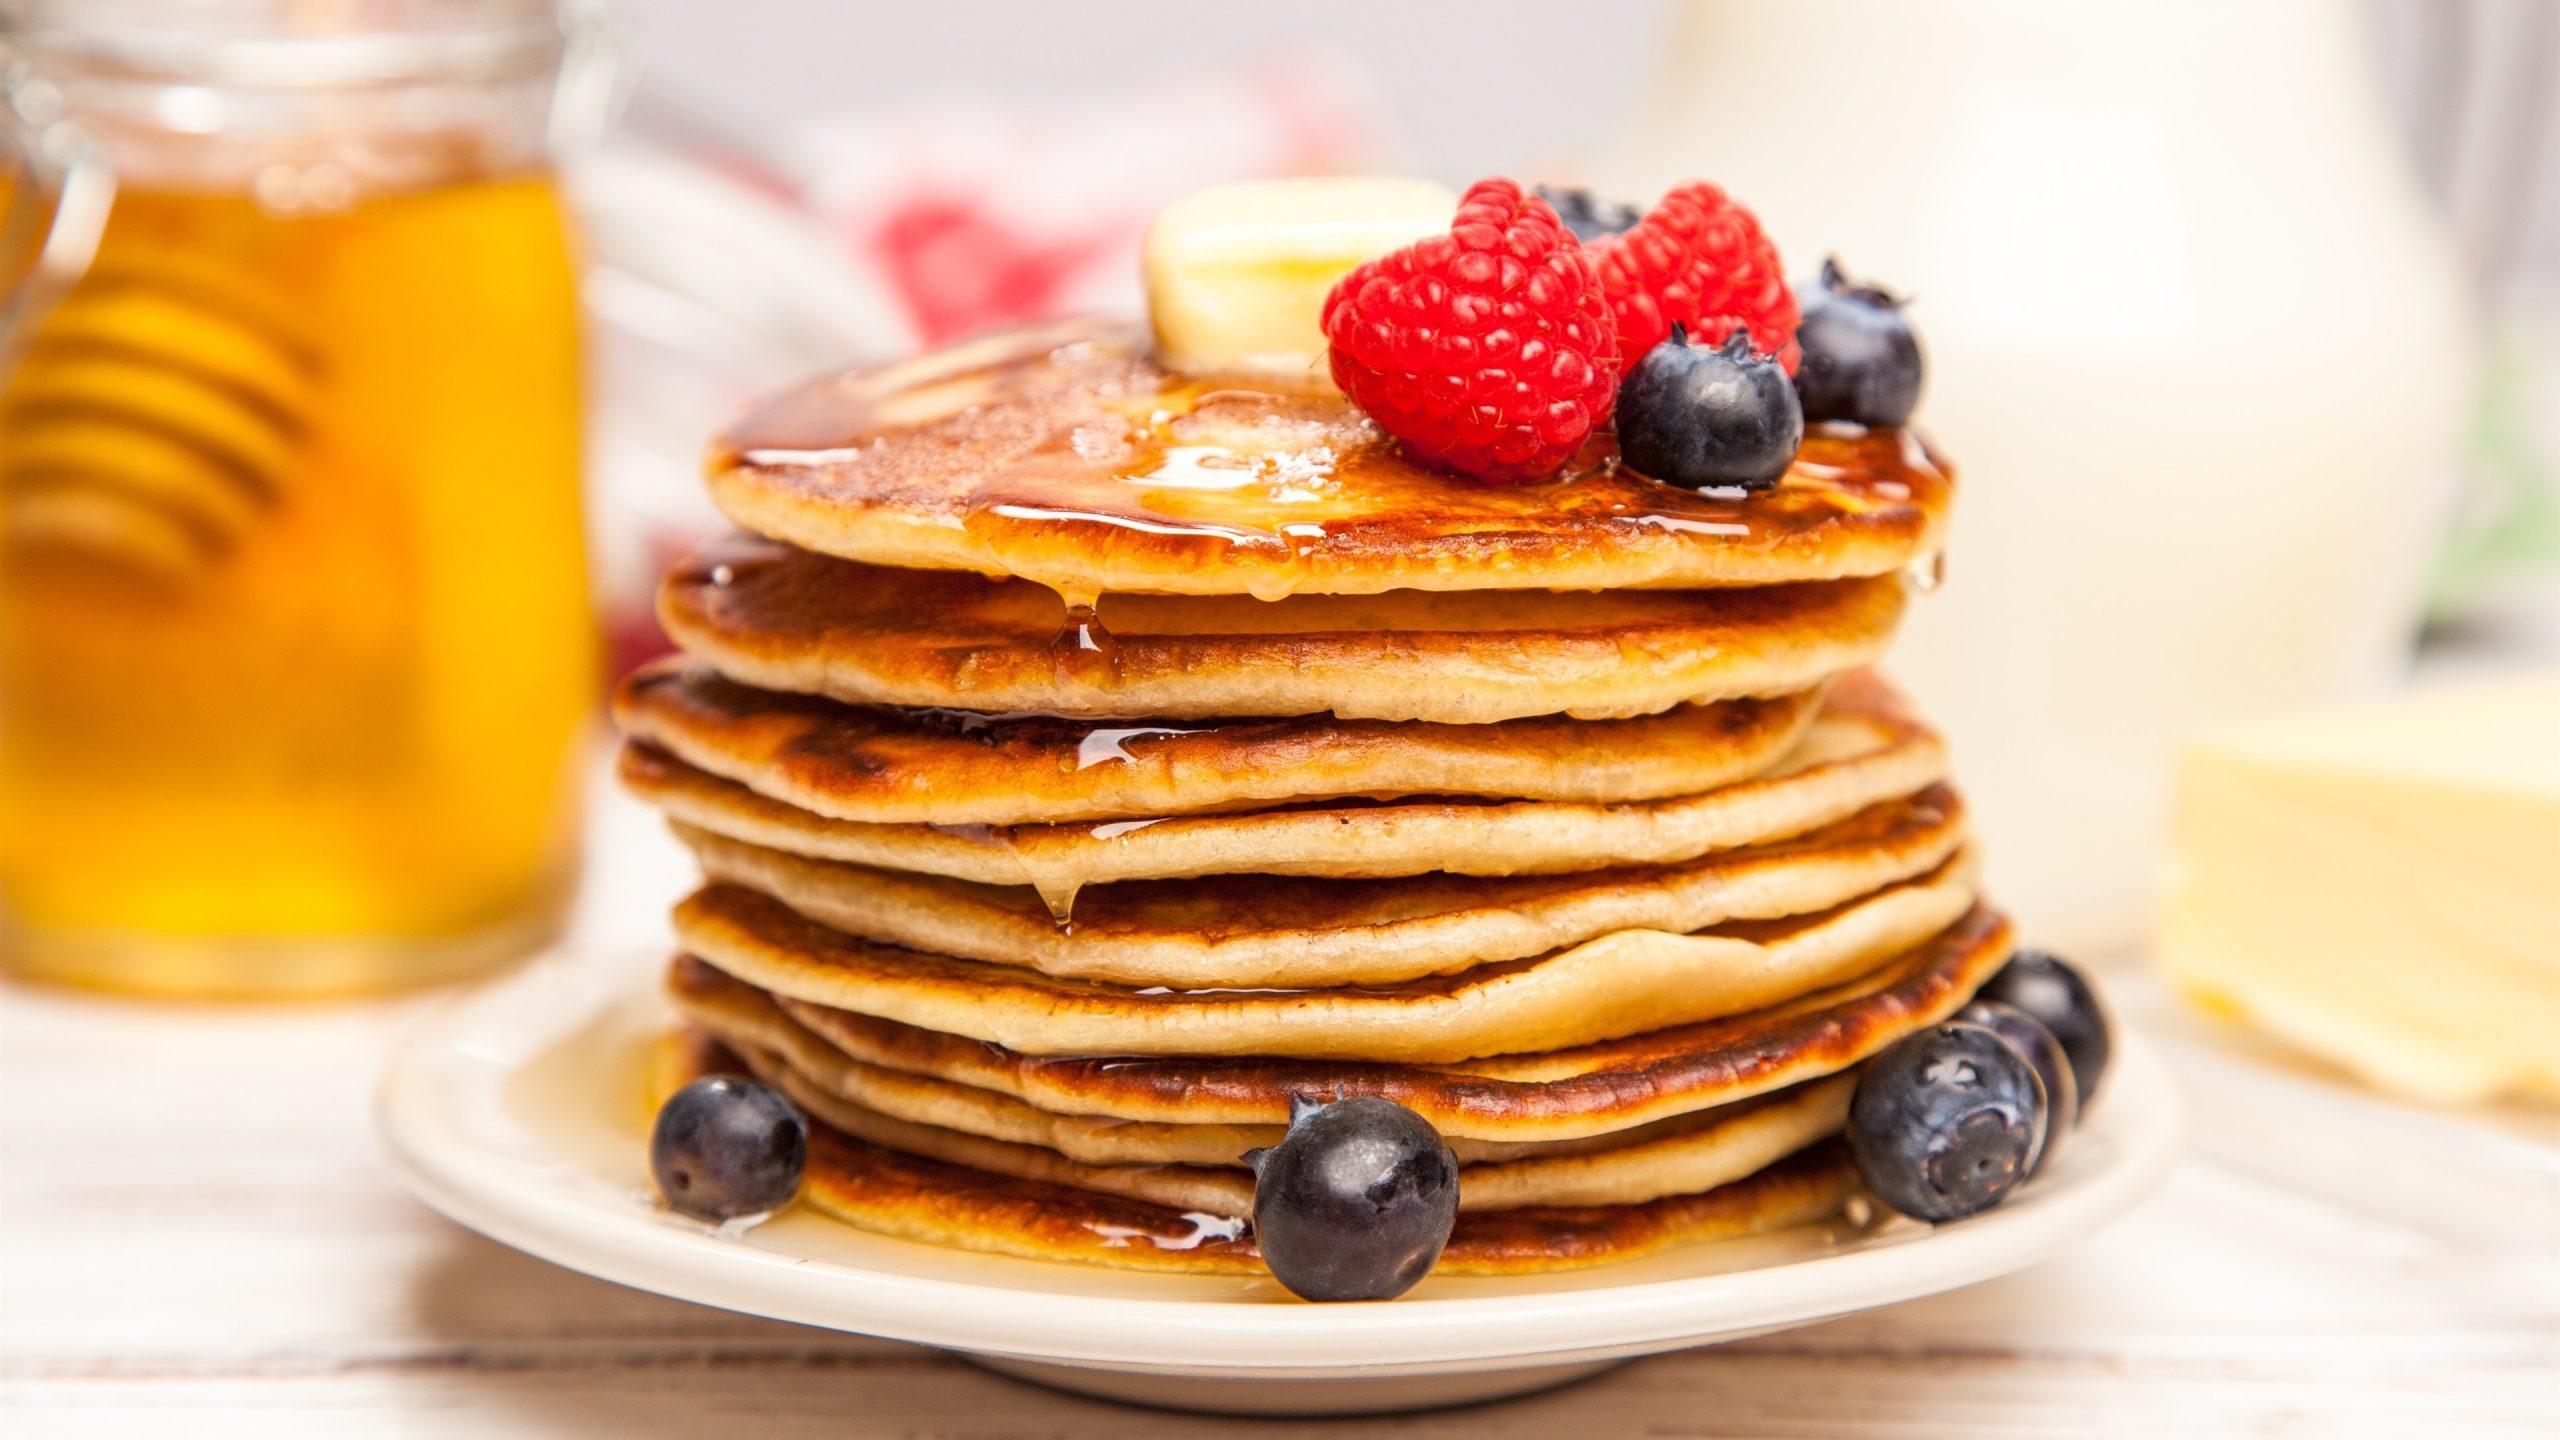 Pancake good background